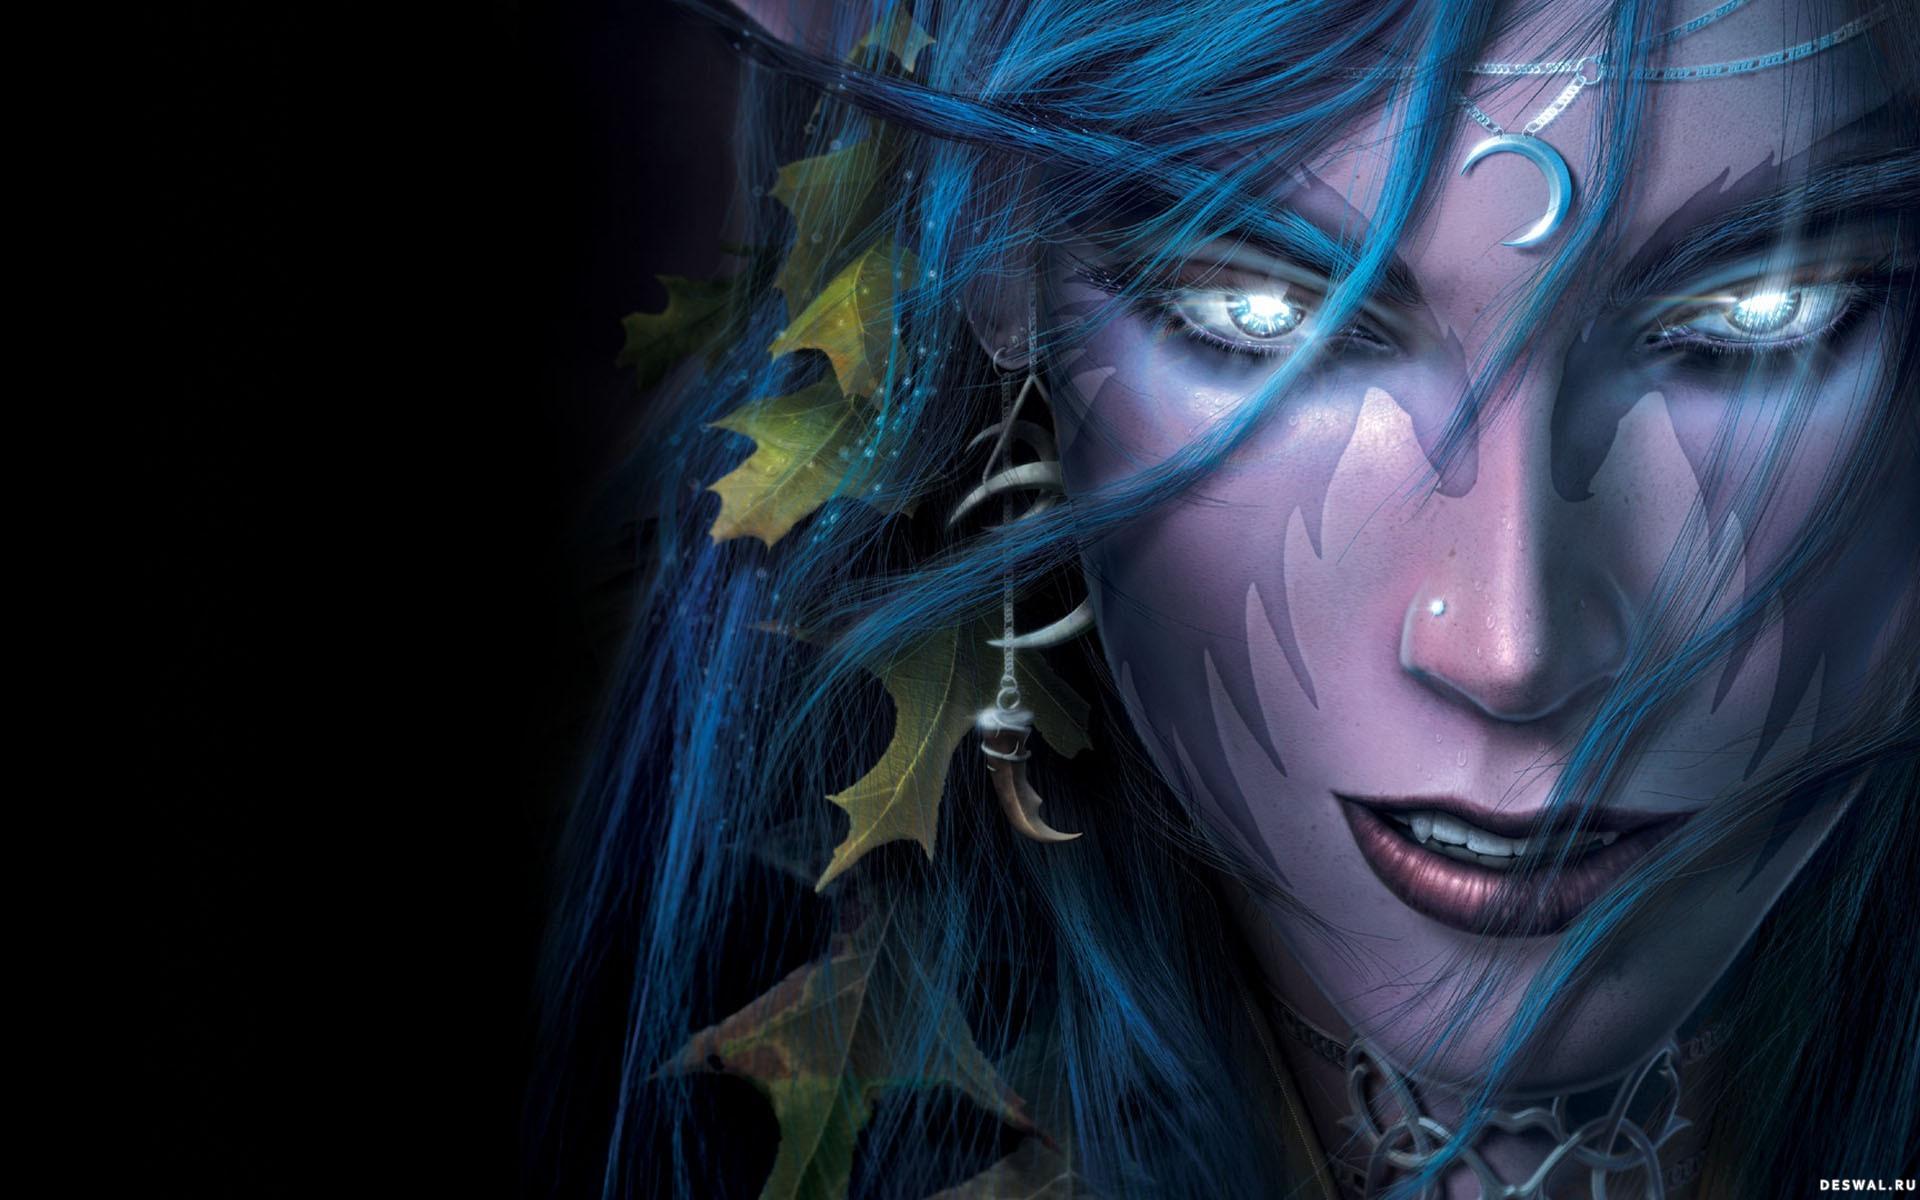 Download wallpaper dark elf elf woman dark elf wallpaper 1920x1200